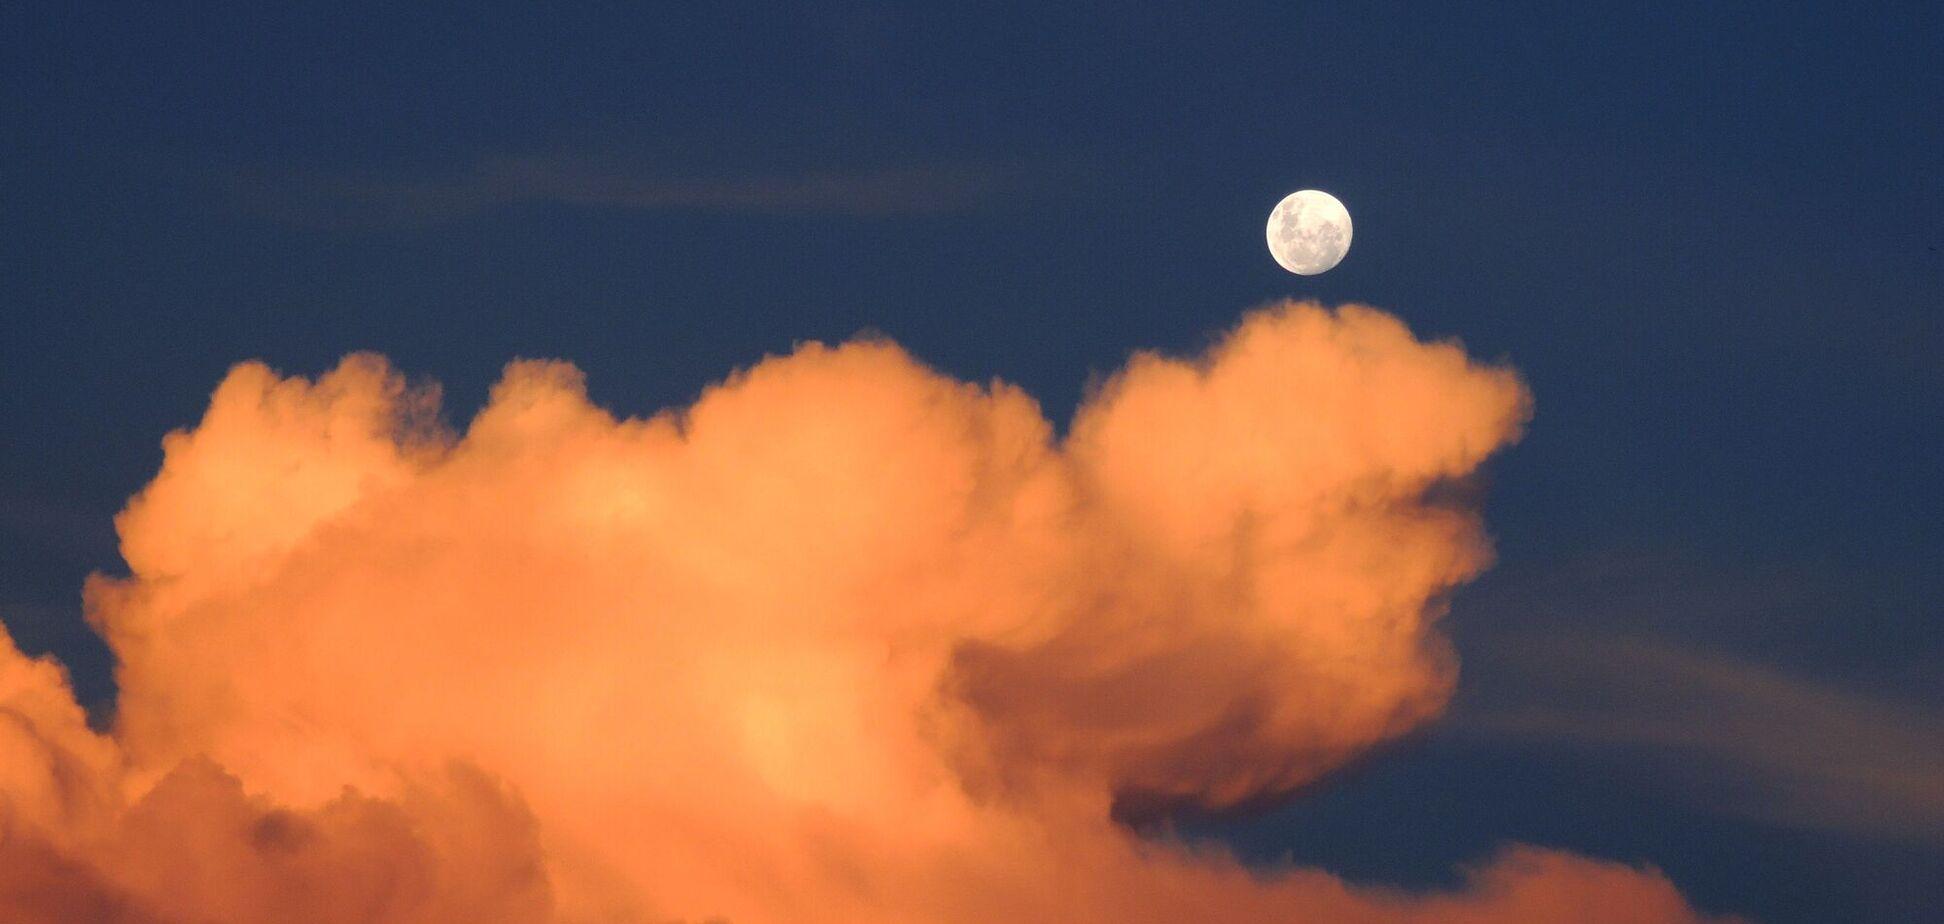 Вересневий Місяць відомий під назвою Кукурудзяний місяць. Джерело: Ілюстративне фото / Pixabay